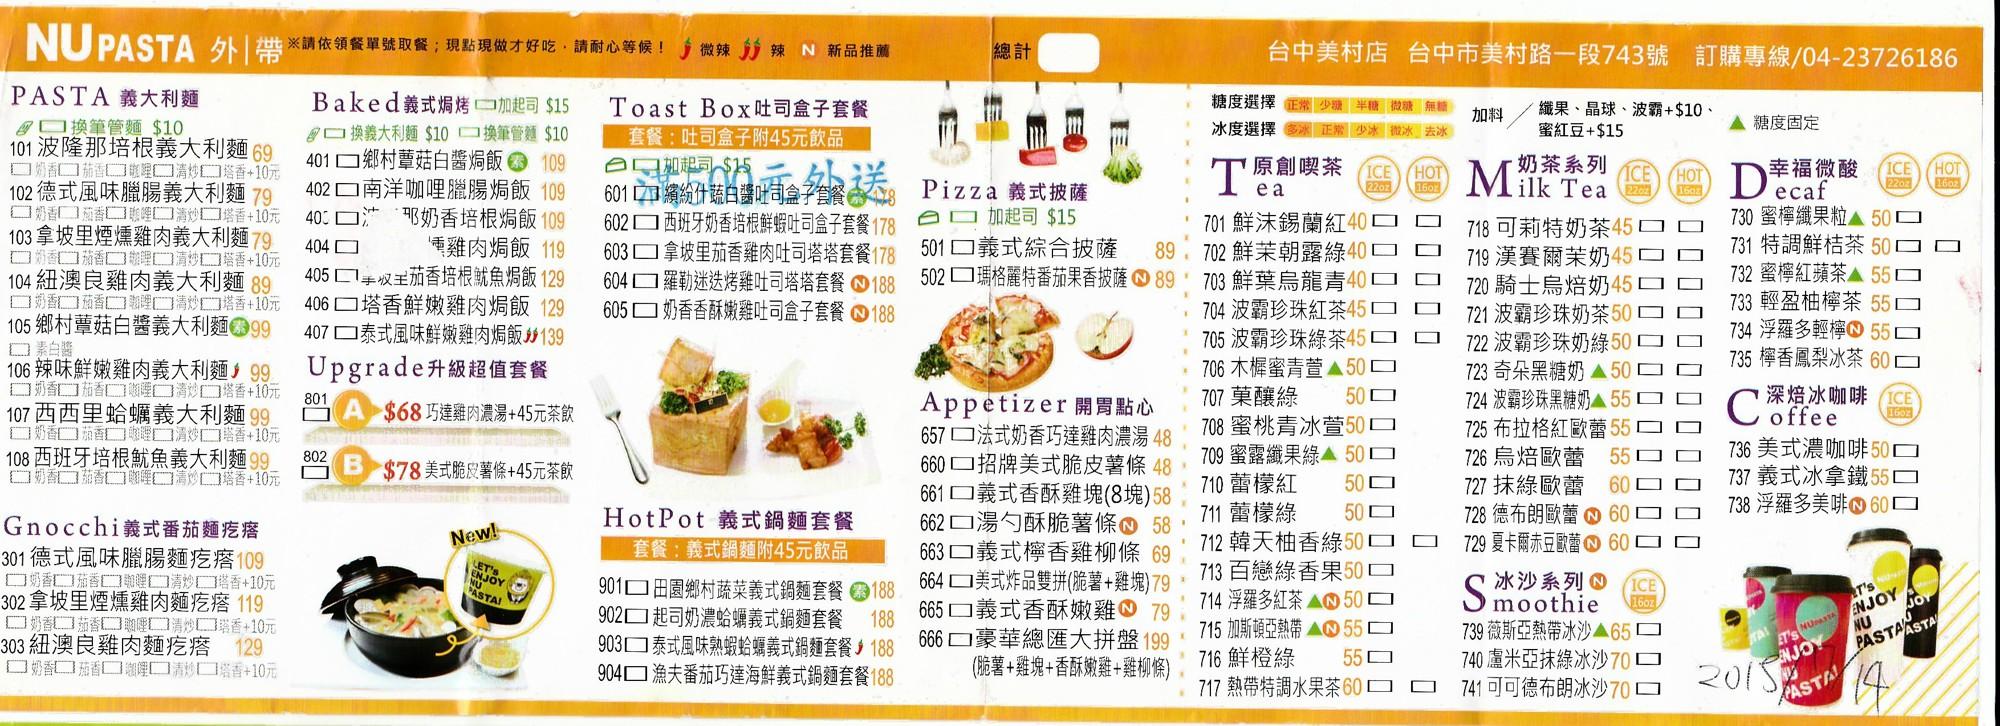 [餐廳][菜單][MENU][臺中] NU PASTA 義式杯麵領導品牌(2015年07月14日更新) - 臺中阿任的Joomla3網站